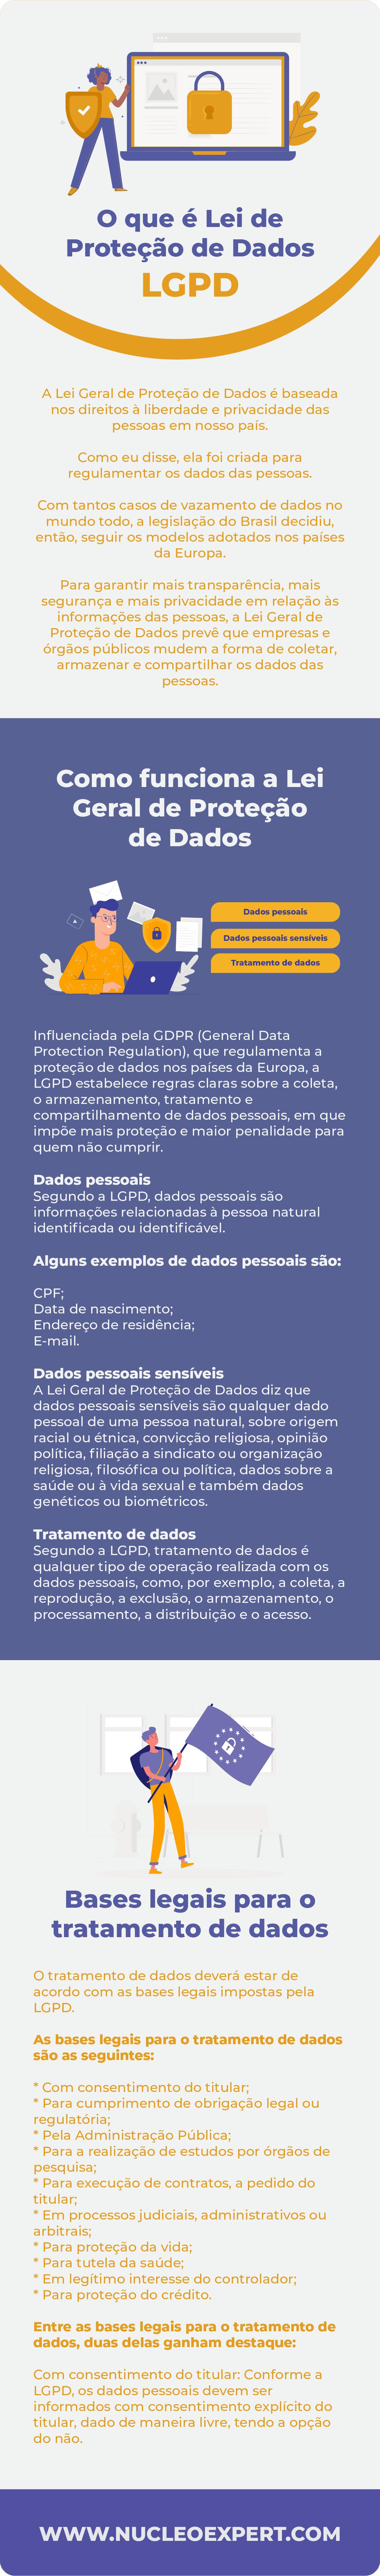 Infográfico - O que é Lei de Proteção de Dados